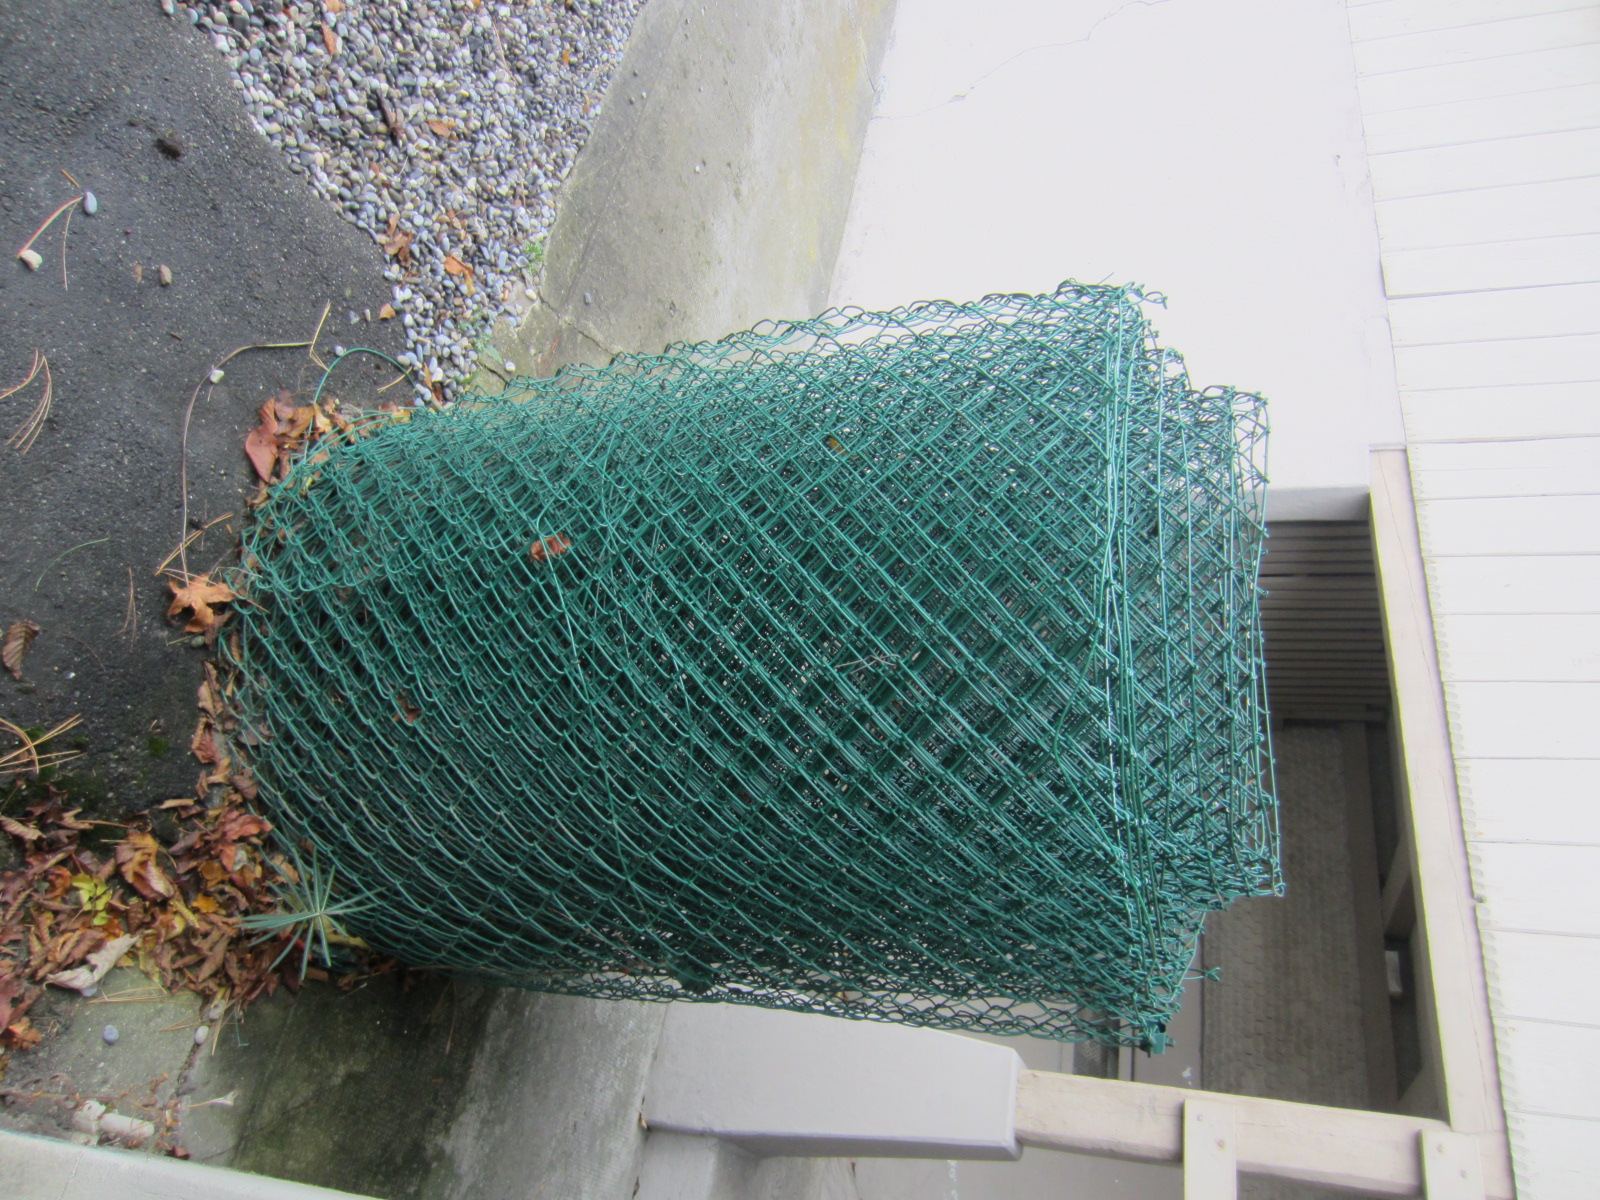 Maschendrahtzaun / Zaun aus Stahl